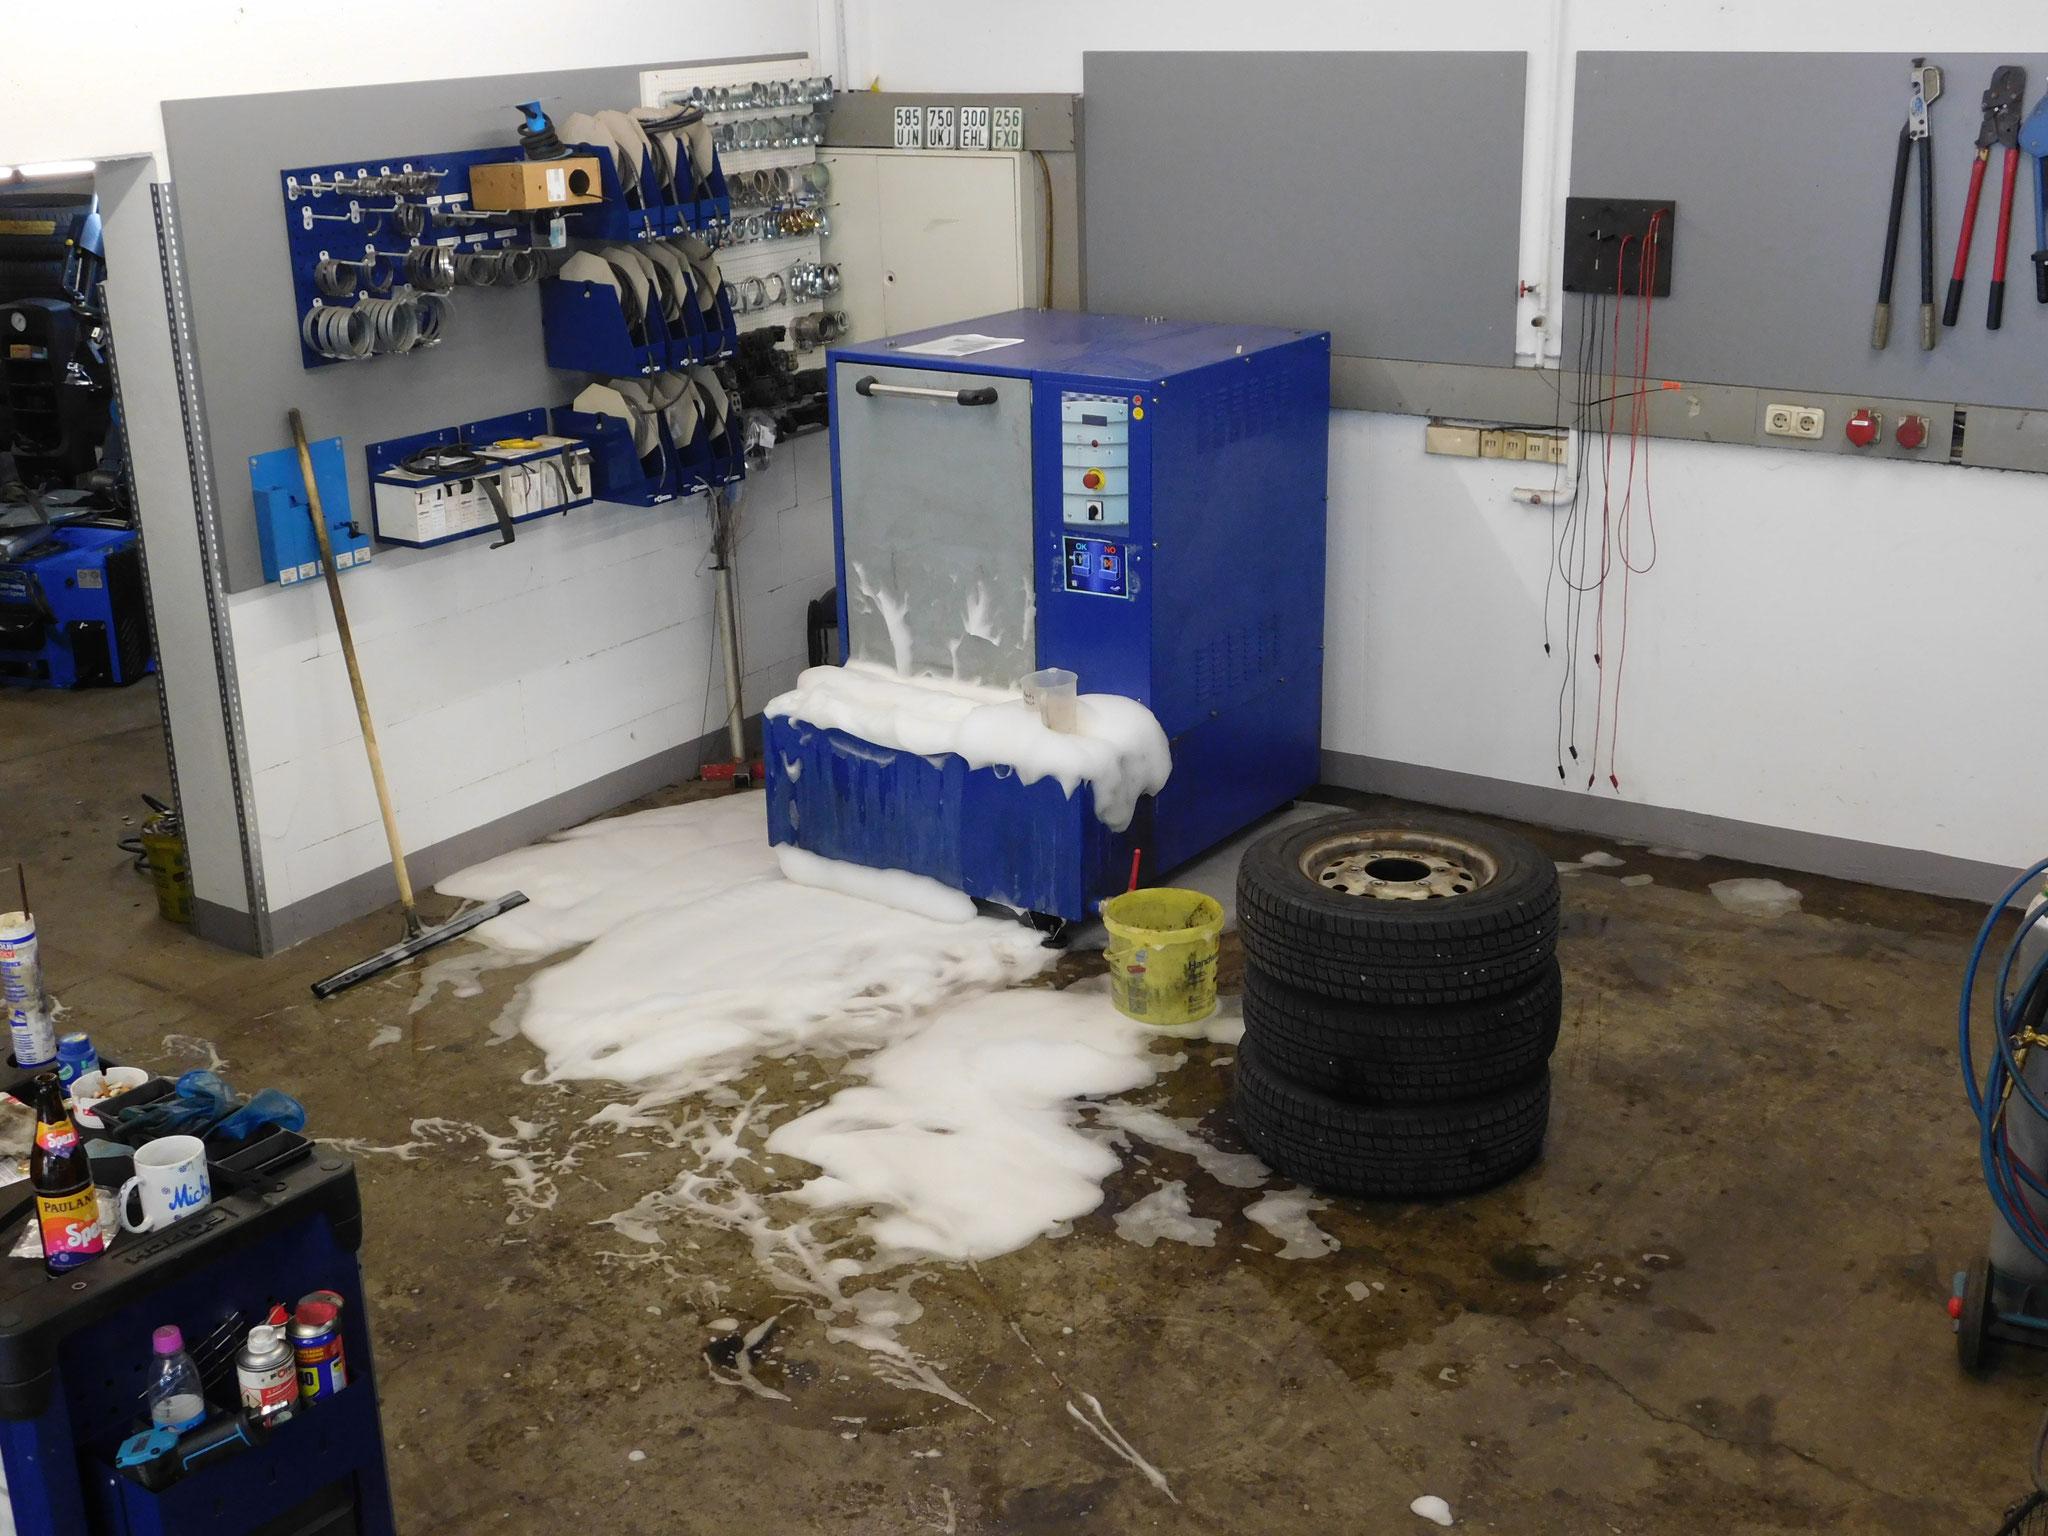 Reifenwaschmaschine - Waschmittelkonzentration leicht verschätzt